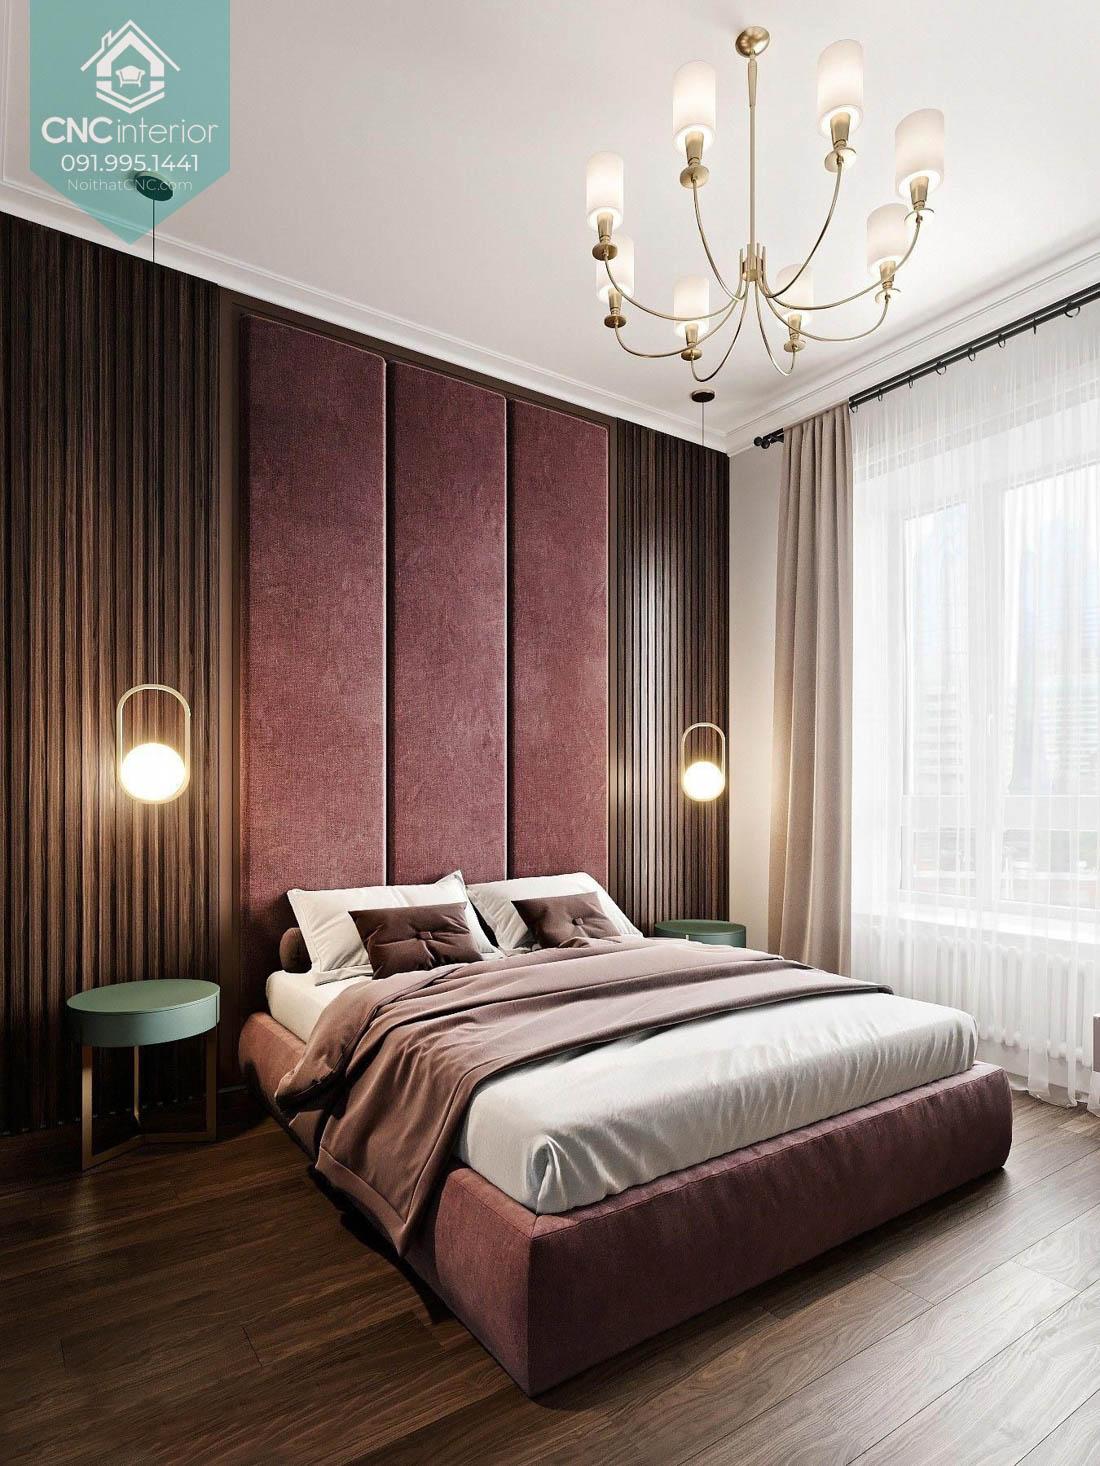 Phòng ngủ đẹp cho vợ chồng mới cưới 6